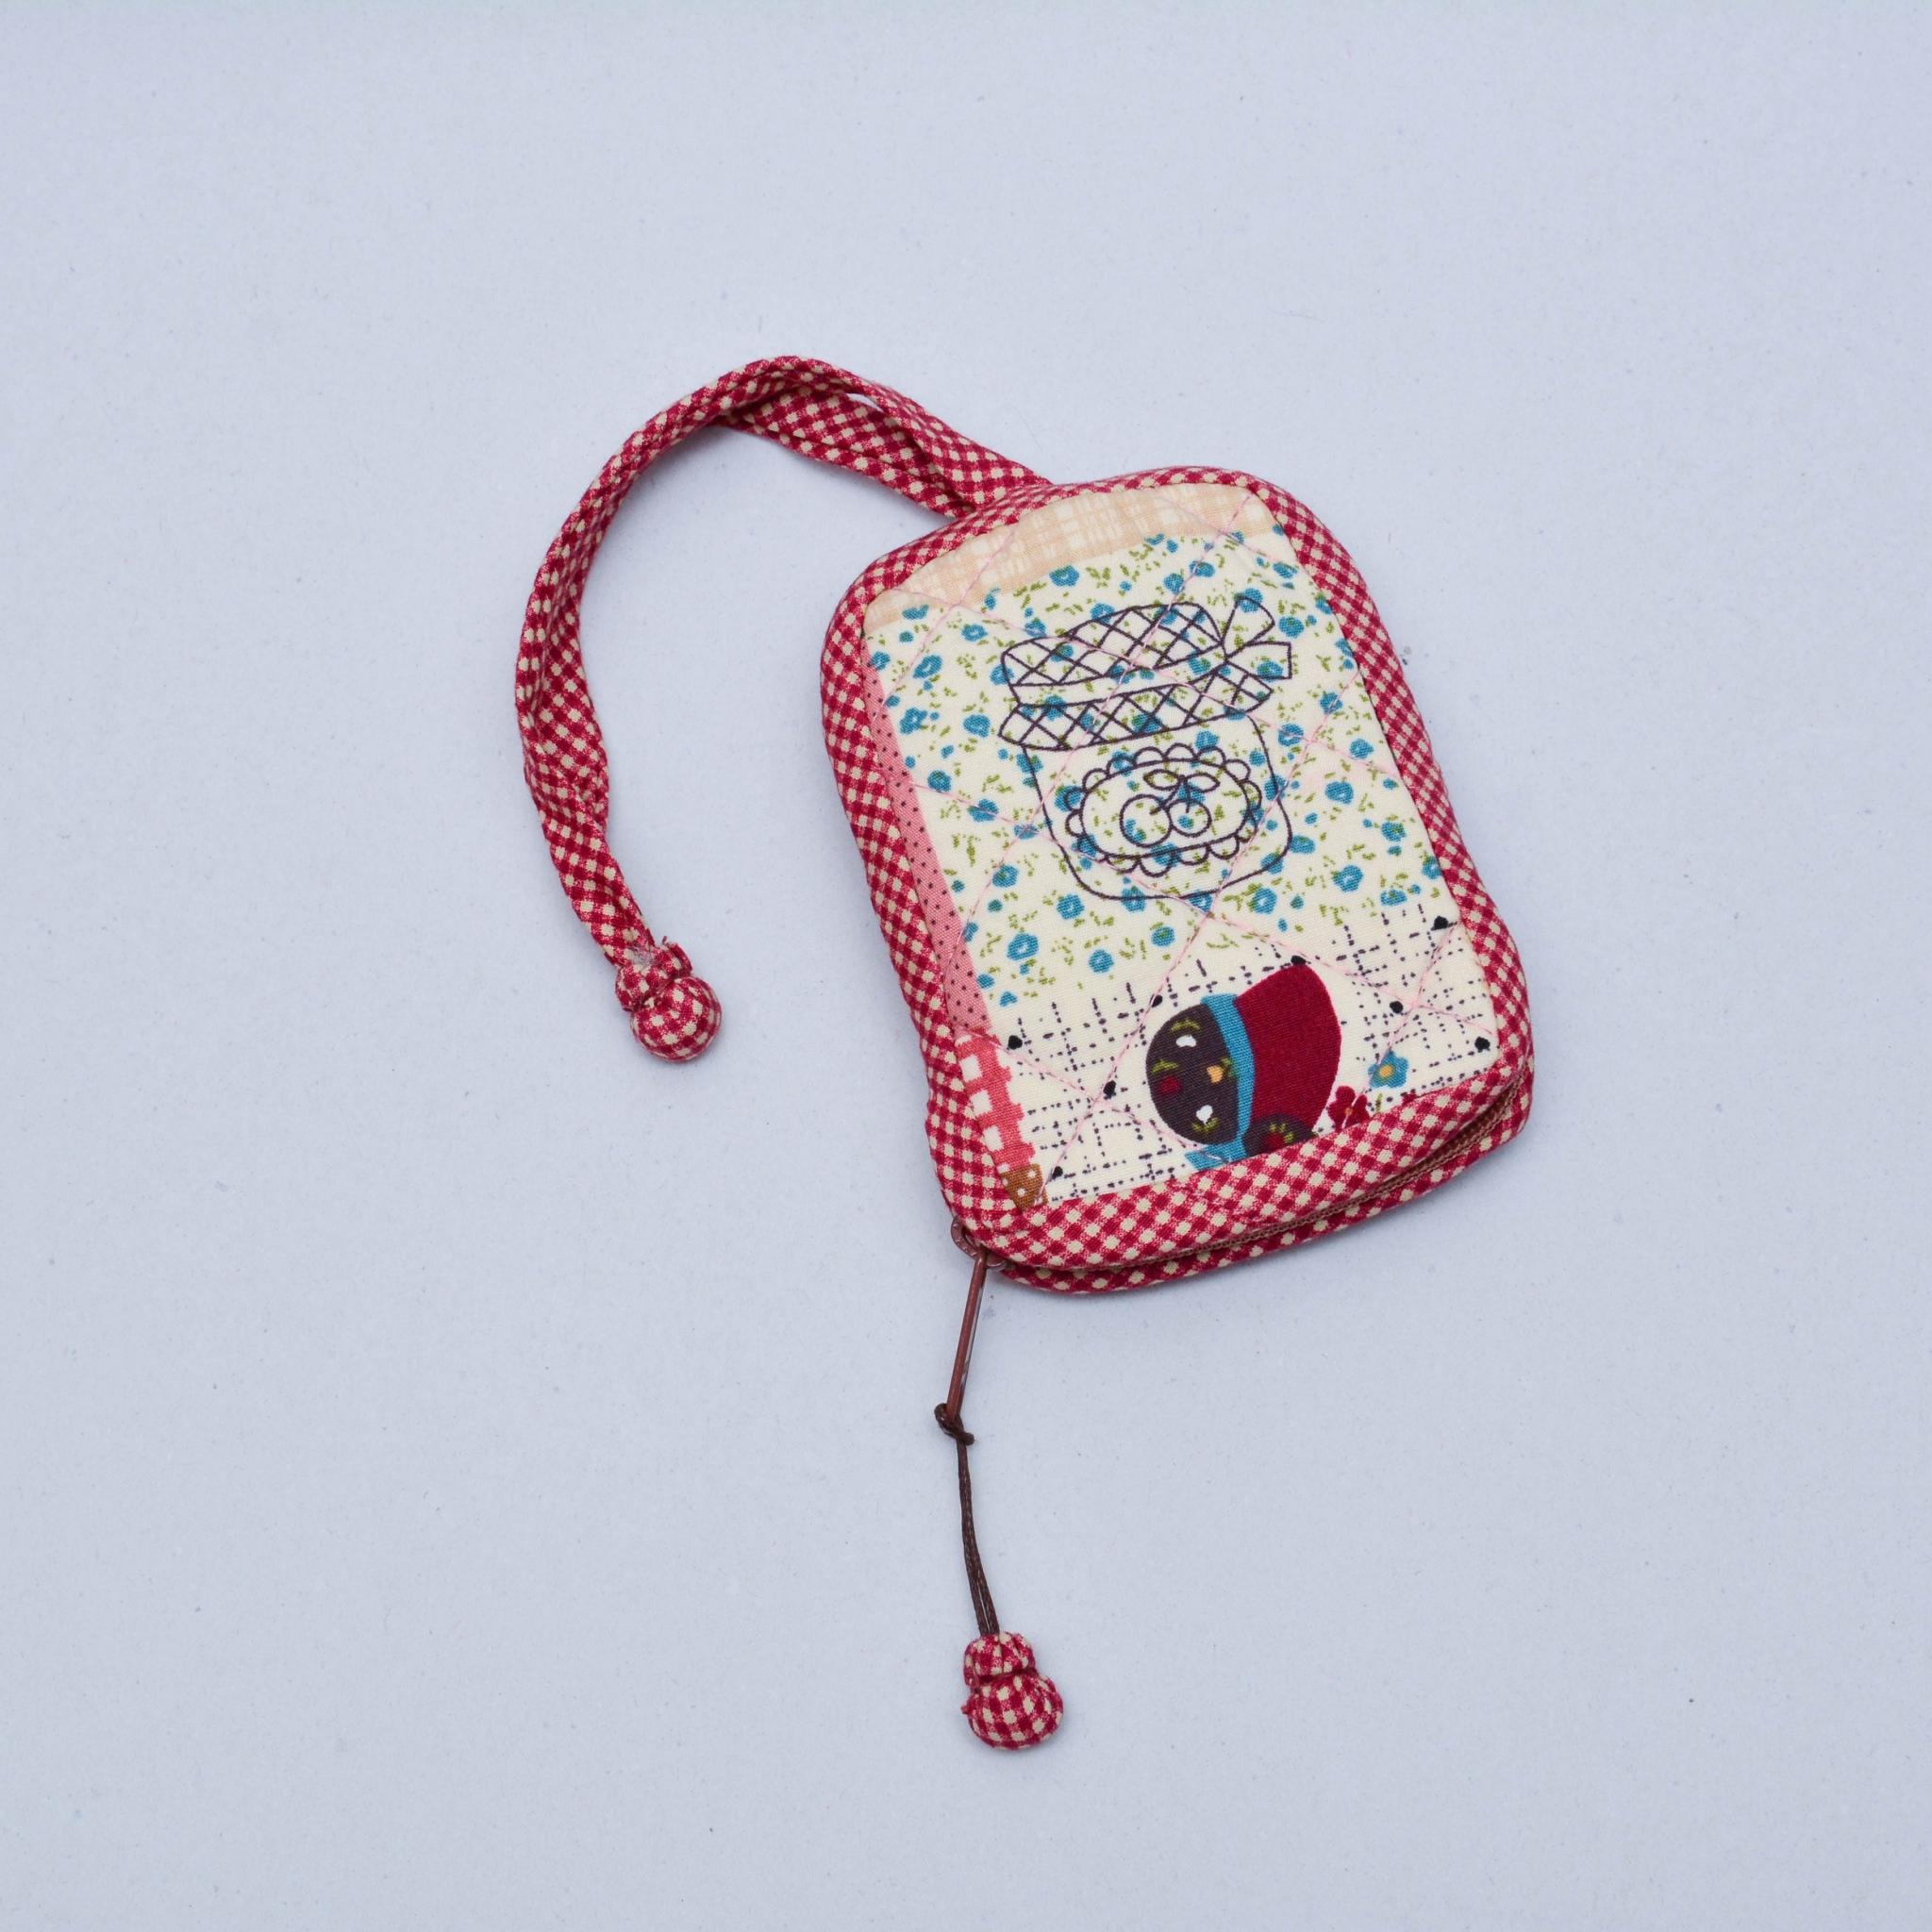 กระเป๋าใส่กุญแจ สีแดง No.04